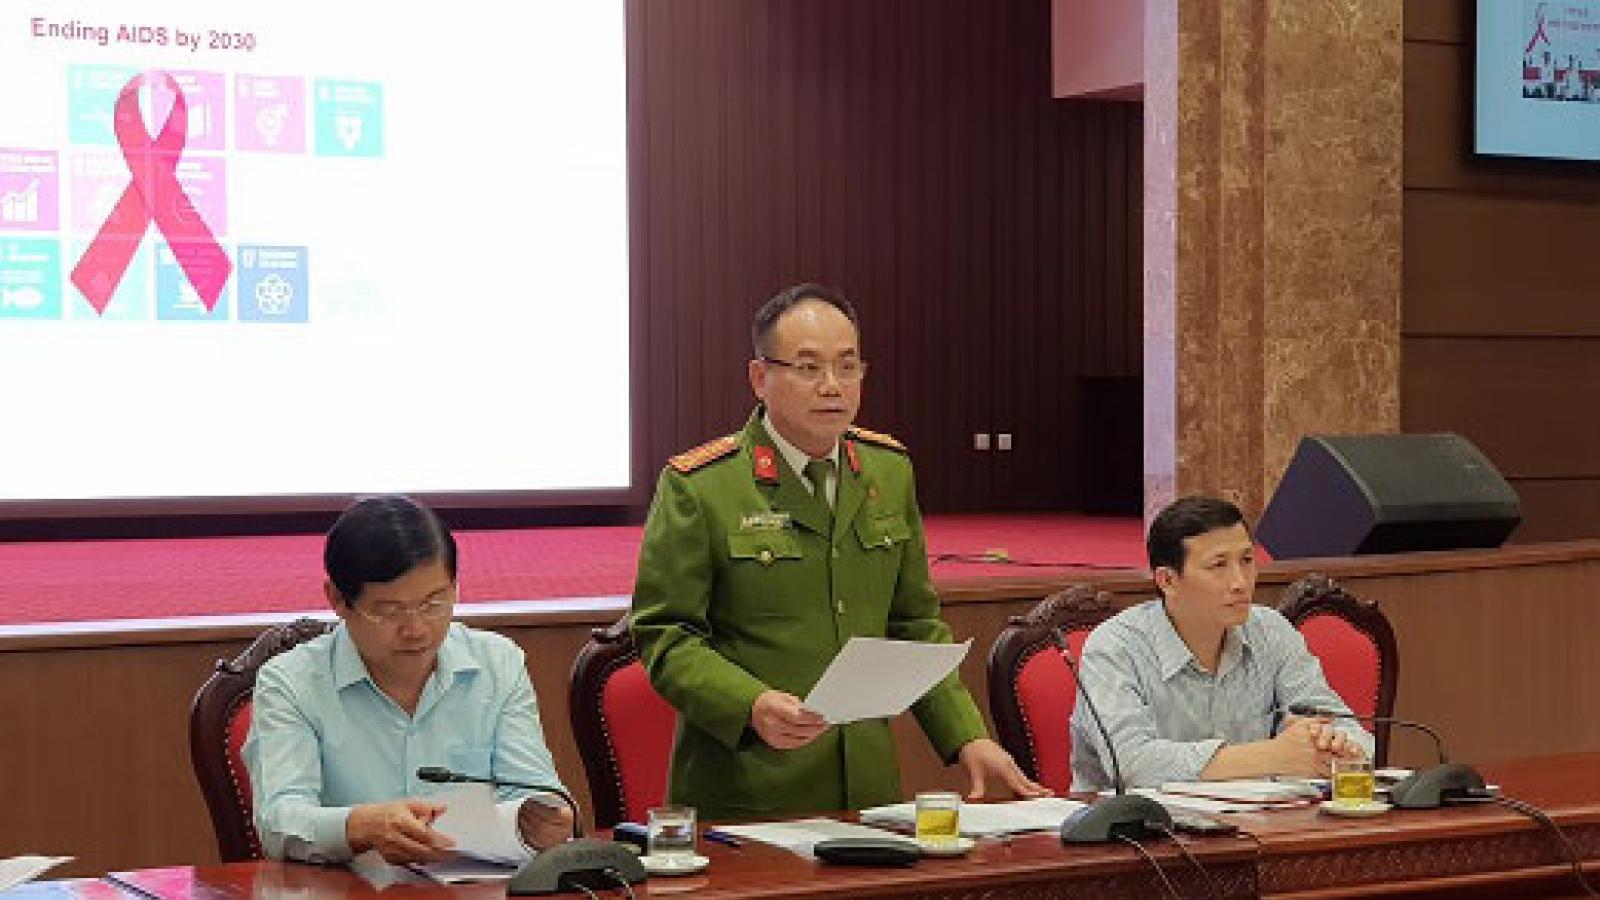 Công an Hà Nội mở các đợt cao điểm tấn công trấn áp tội phạm bảo đảm an ninh, trật tự